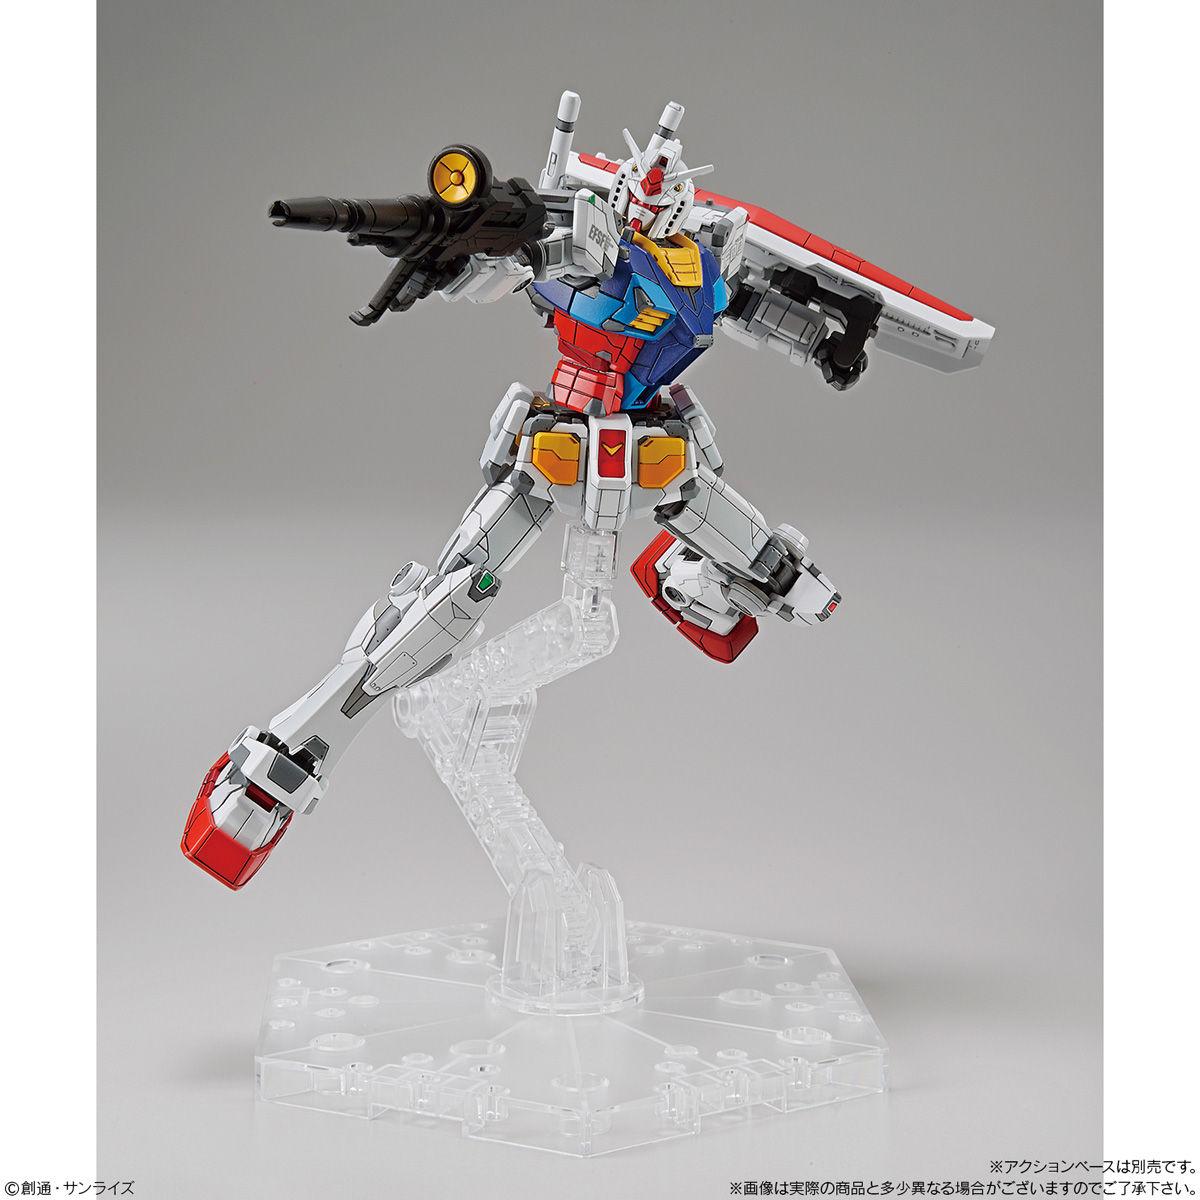 【先行販売】GUNDAM FACTORY YOKOHAMA『RX-78F00 ガンダム&ガンダムドック』1/144 プラモデル-006